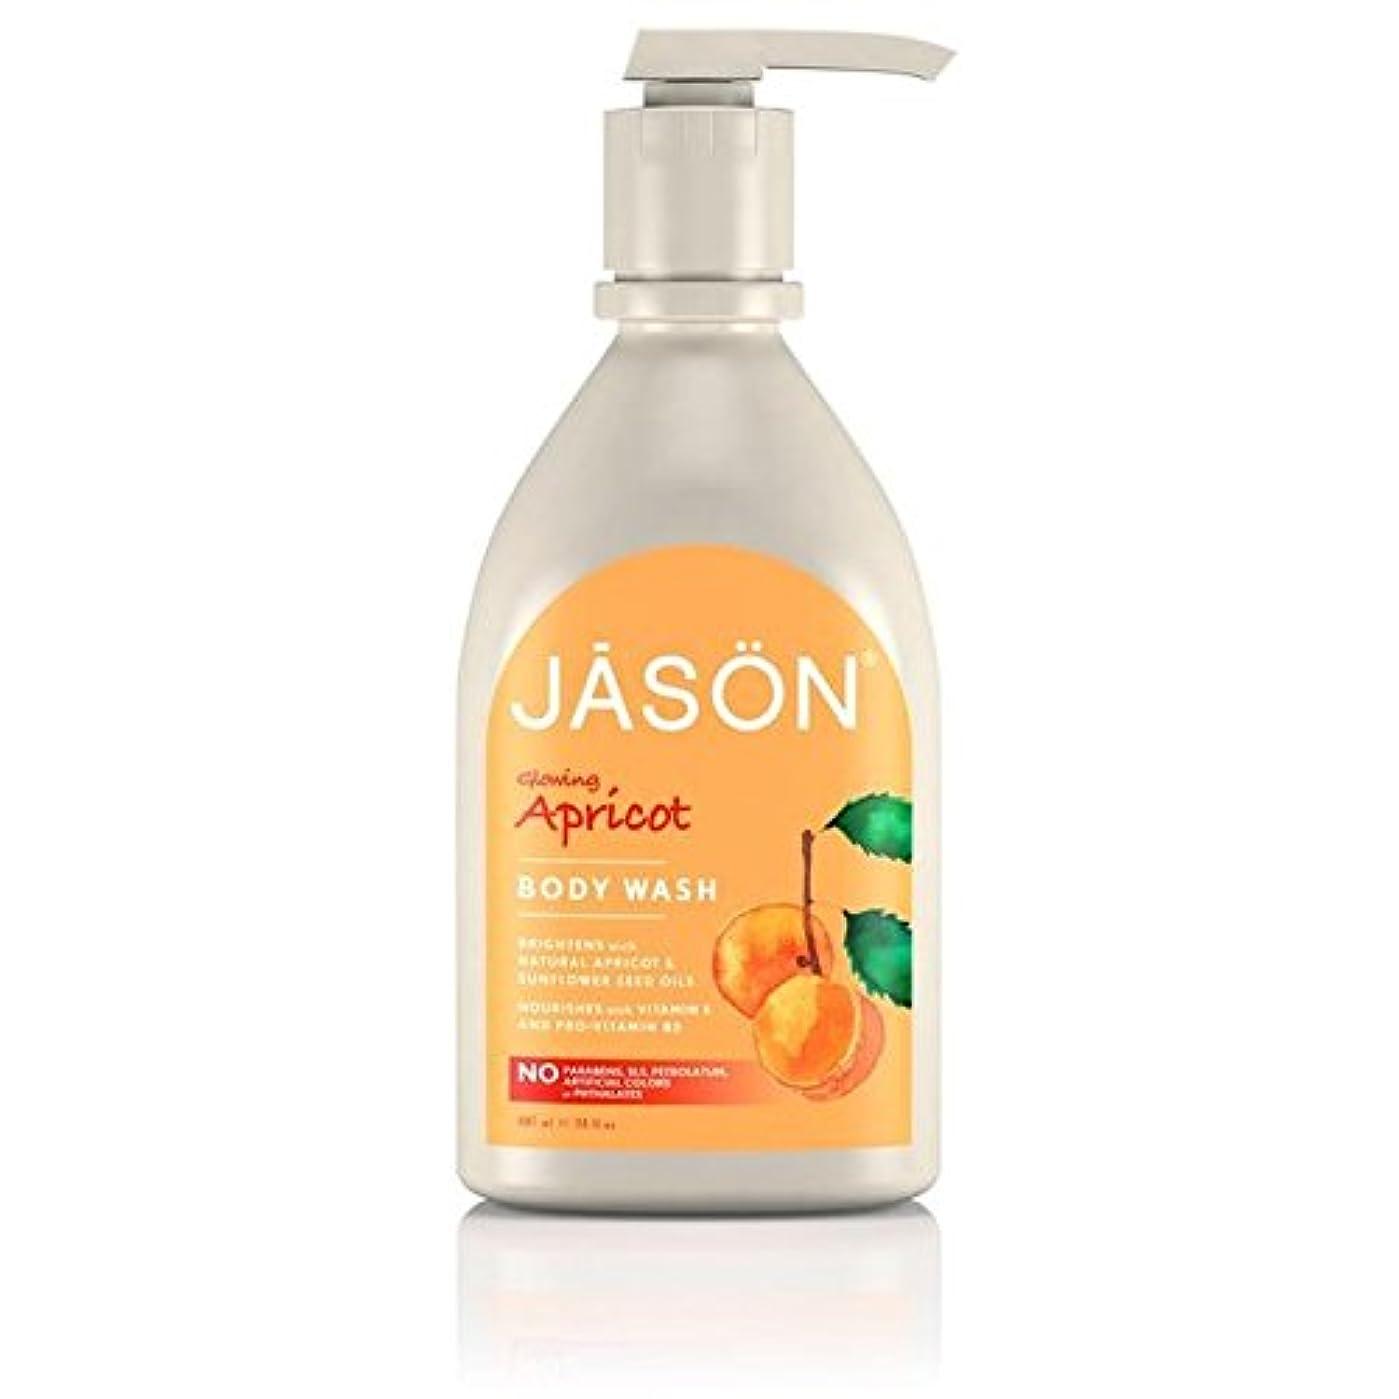 で出来ている国民どう?Jason Apricot Satin Body Wash Pump 900ml (Pack of 6) - ジェイソン?アプリコットサテンボディウォッシュポンプ900ミリリットル x6 [並行輸入品]